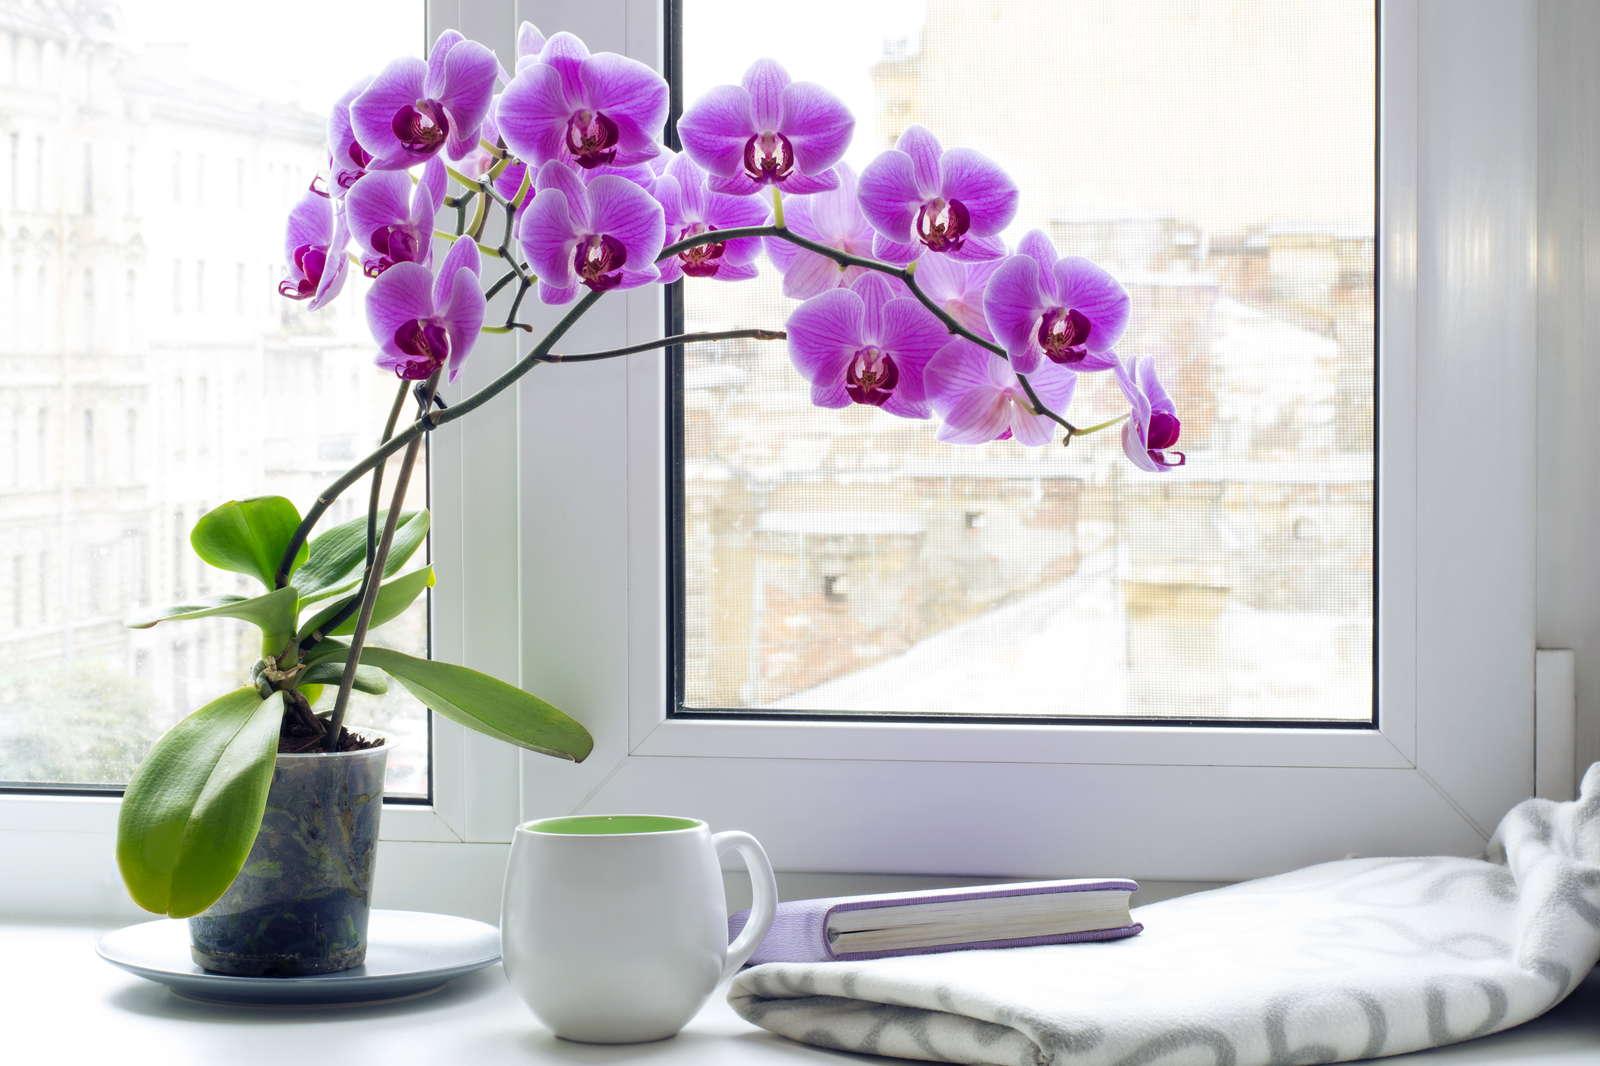 Küchenkräuter Fensterbank Pflege ~ orchideen pflegen 6 tipps für die pflege von orchideen plantura